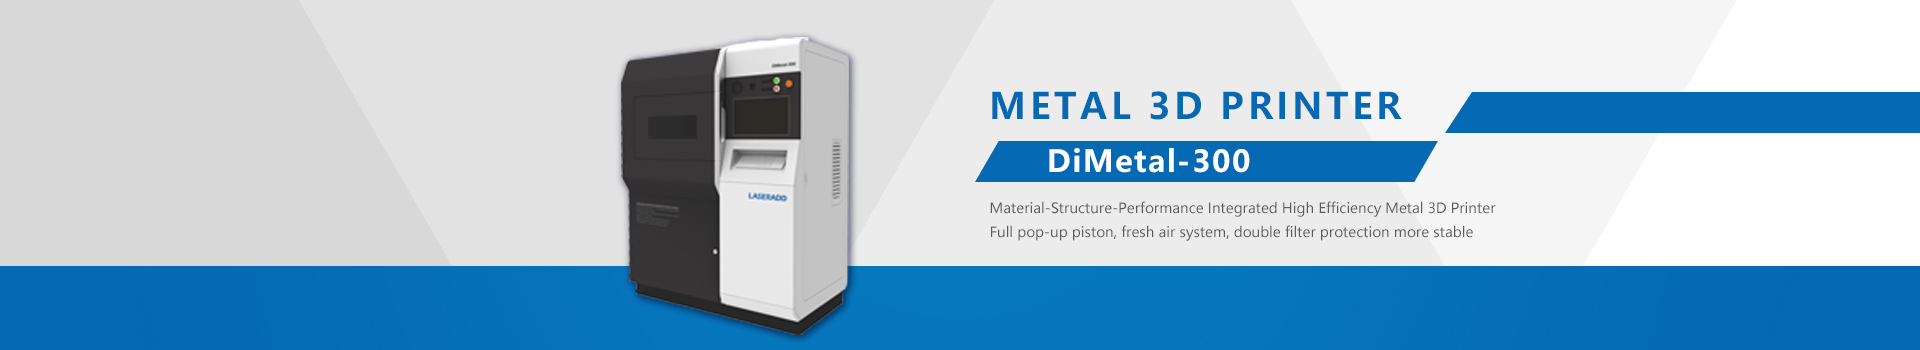 DiMetal-300